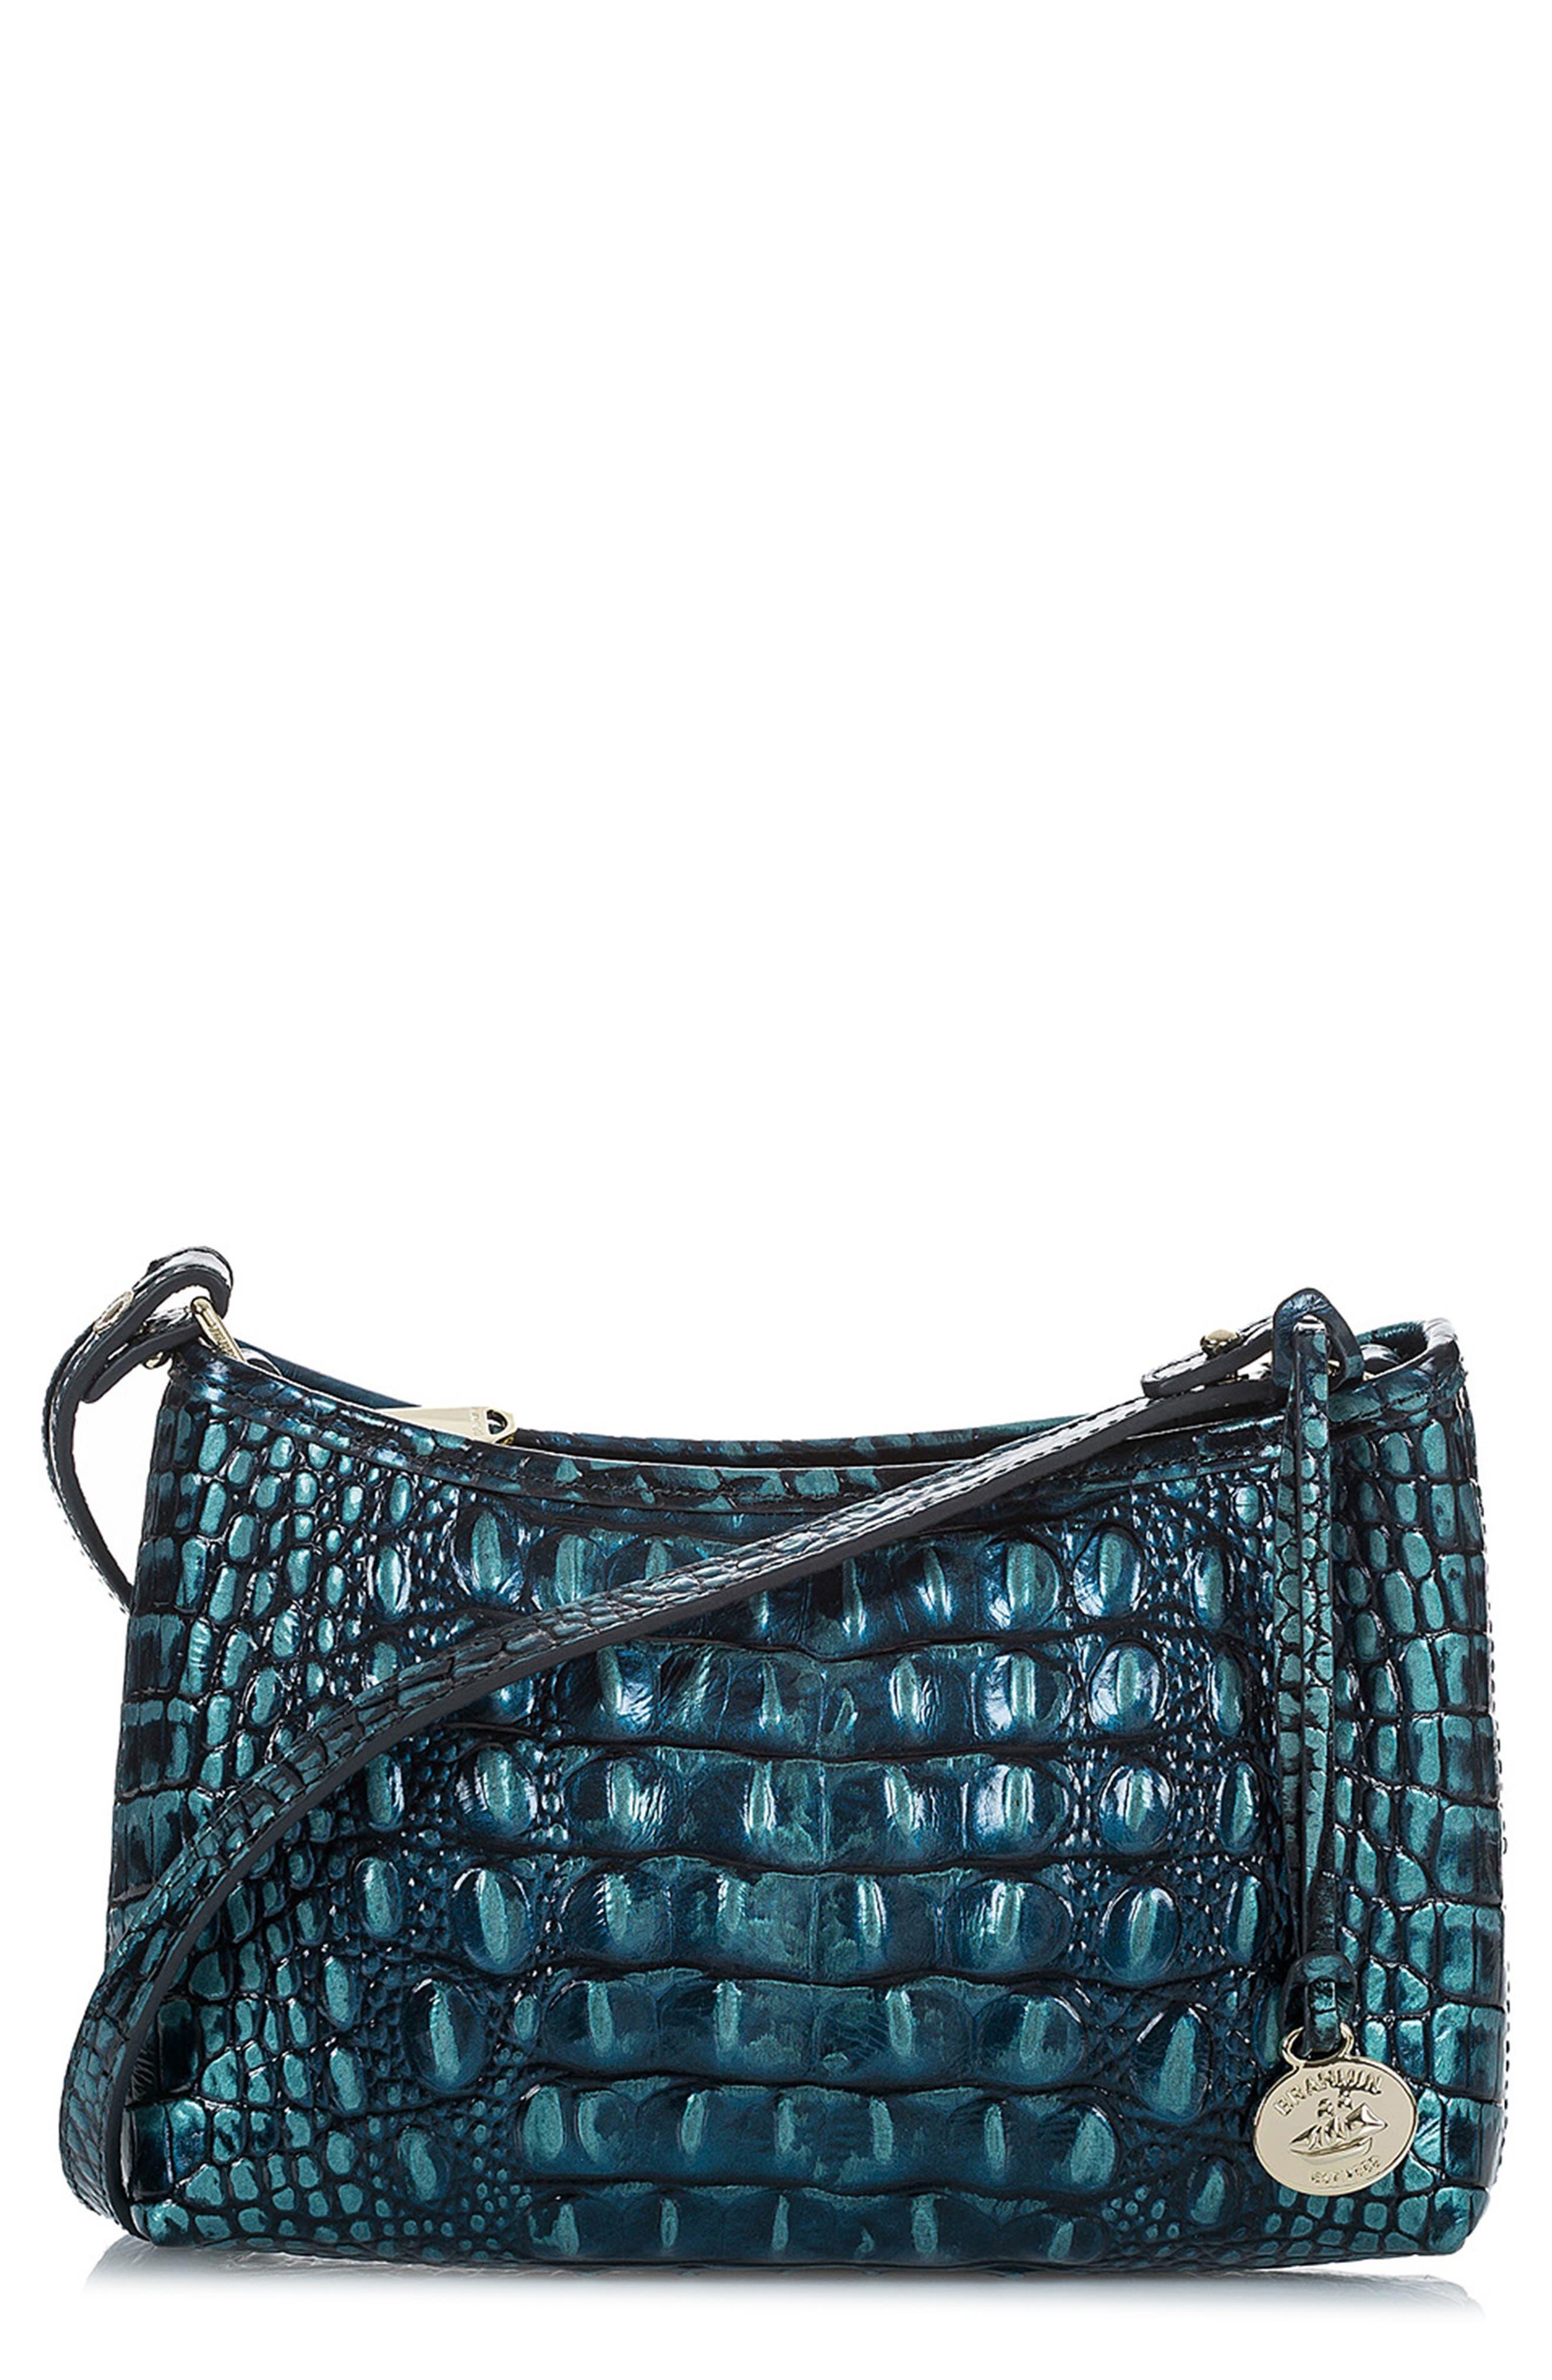 'Anytime - Mini' Convertible Handbag,                             Main thumbnail 6, color,